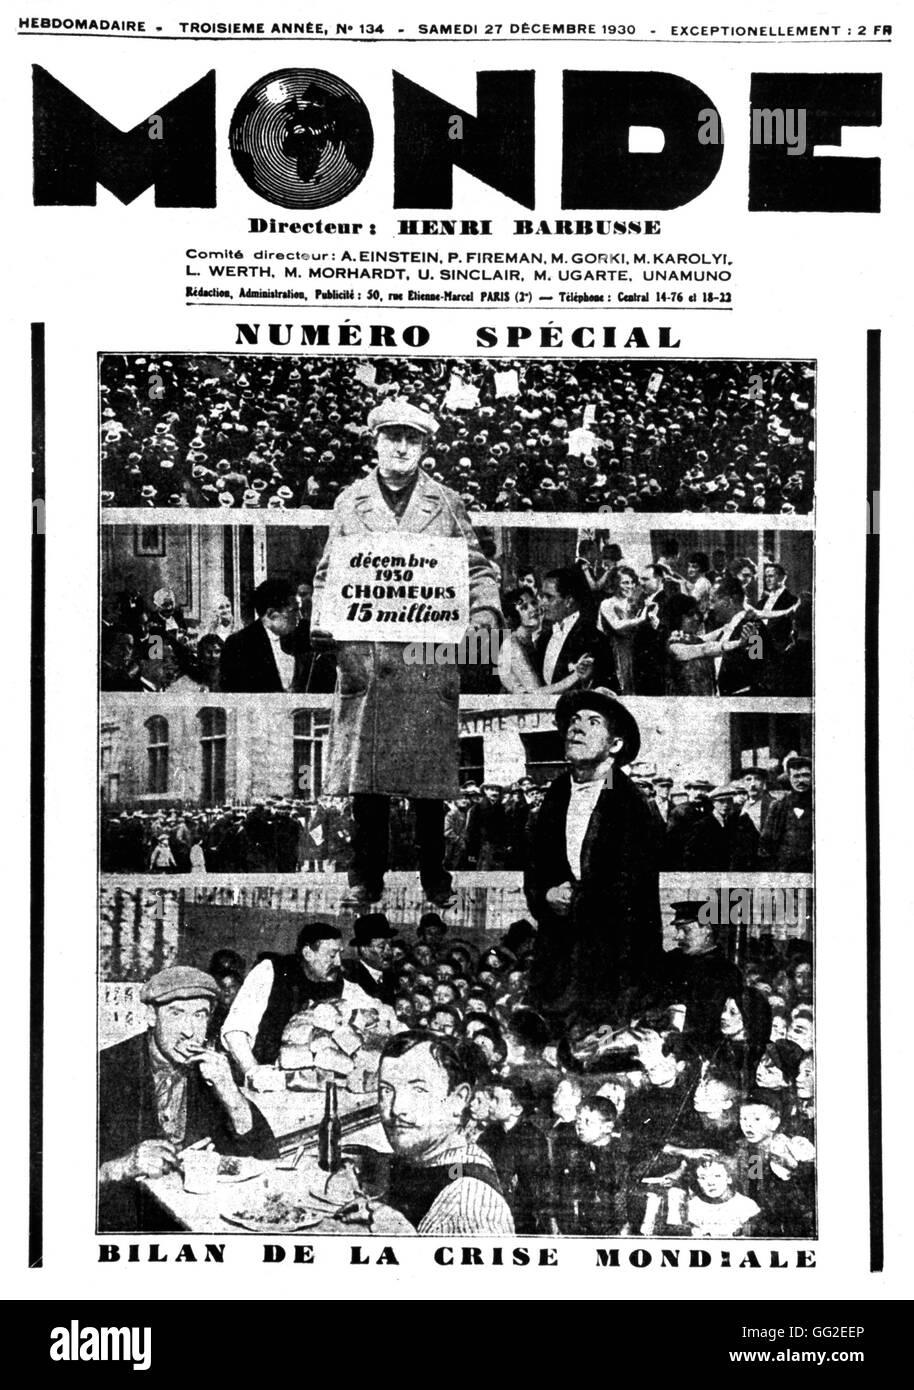 Numéro spécial du journal 'Monde' en date du 12-27-1930: résultat de la crise mondiale Photo Stock